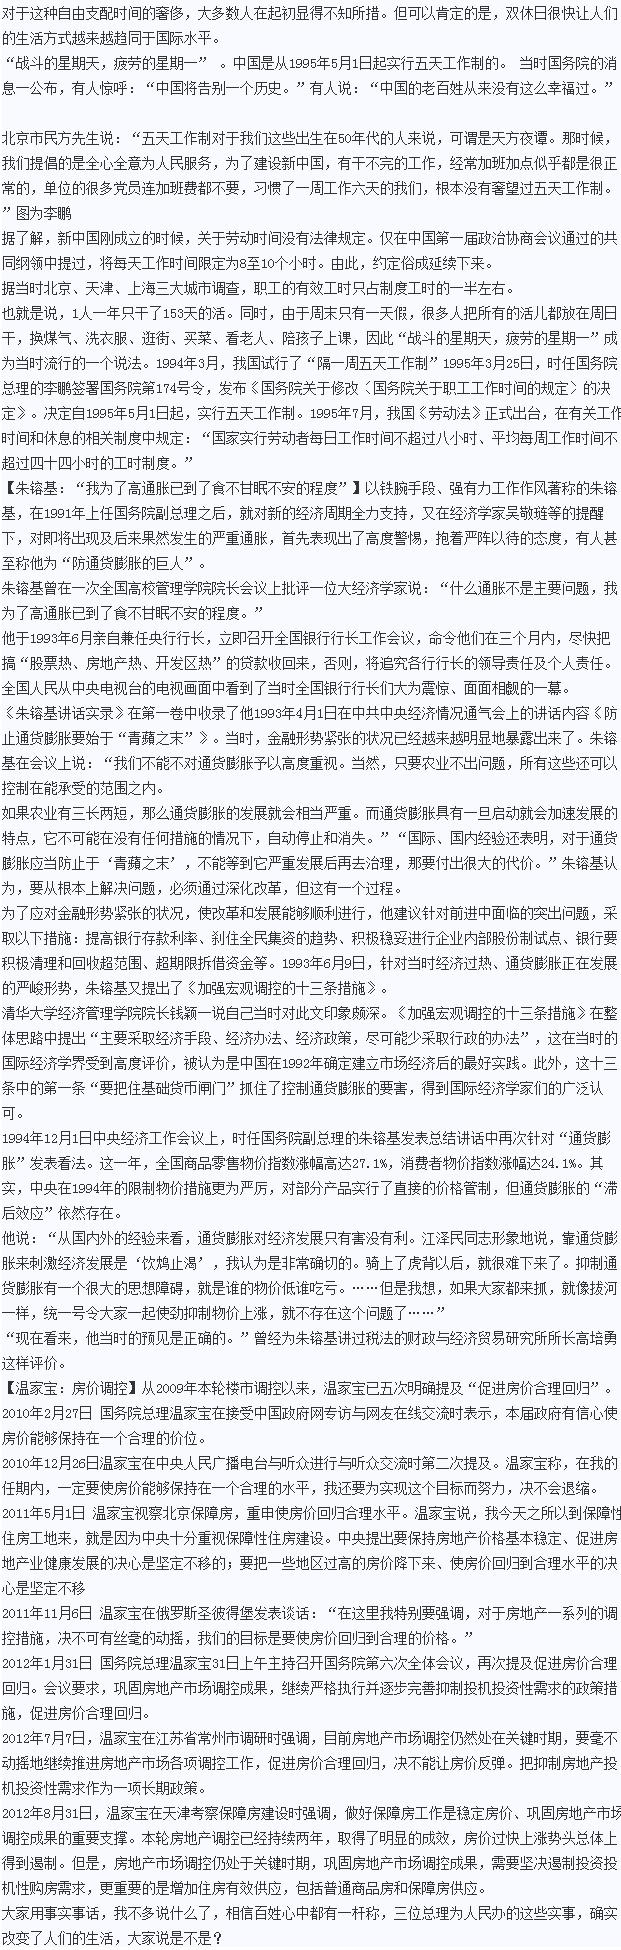 中国三位总理谁最给力,总理办公室主任级别